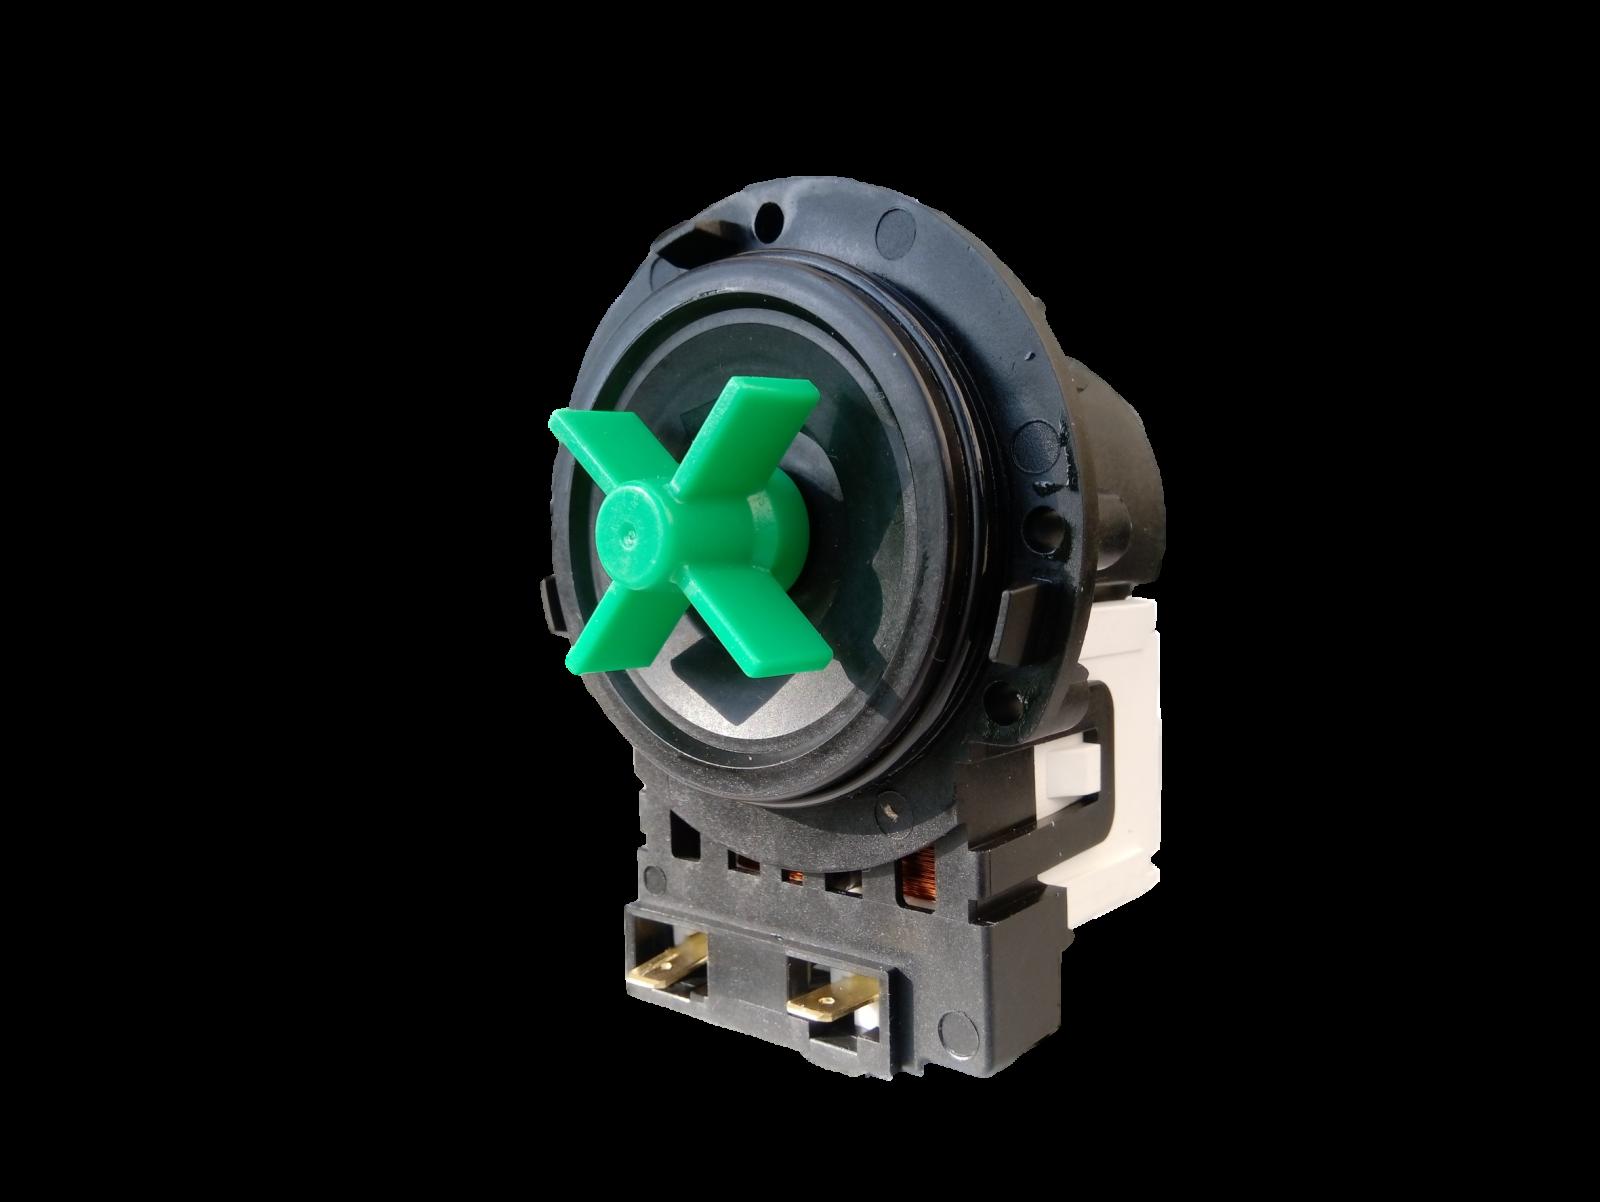 Drain Pump Motor for LG Washing Machines - Part. nr. LG EAU61383505